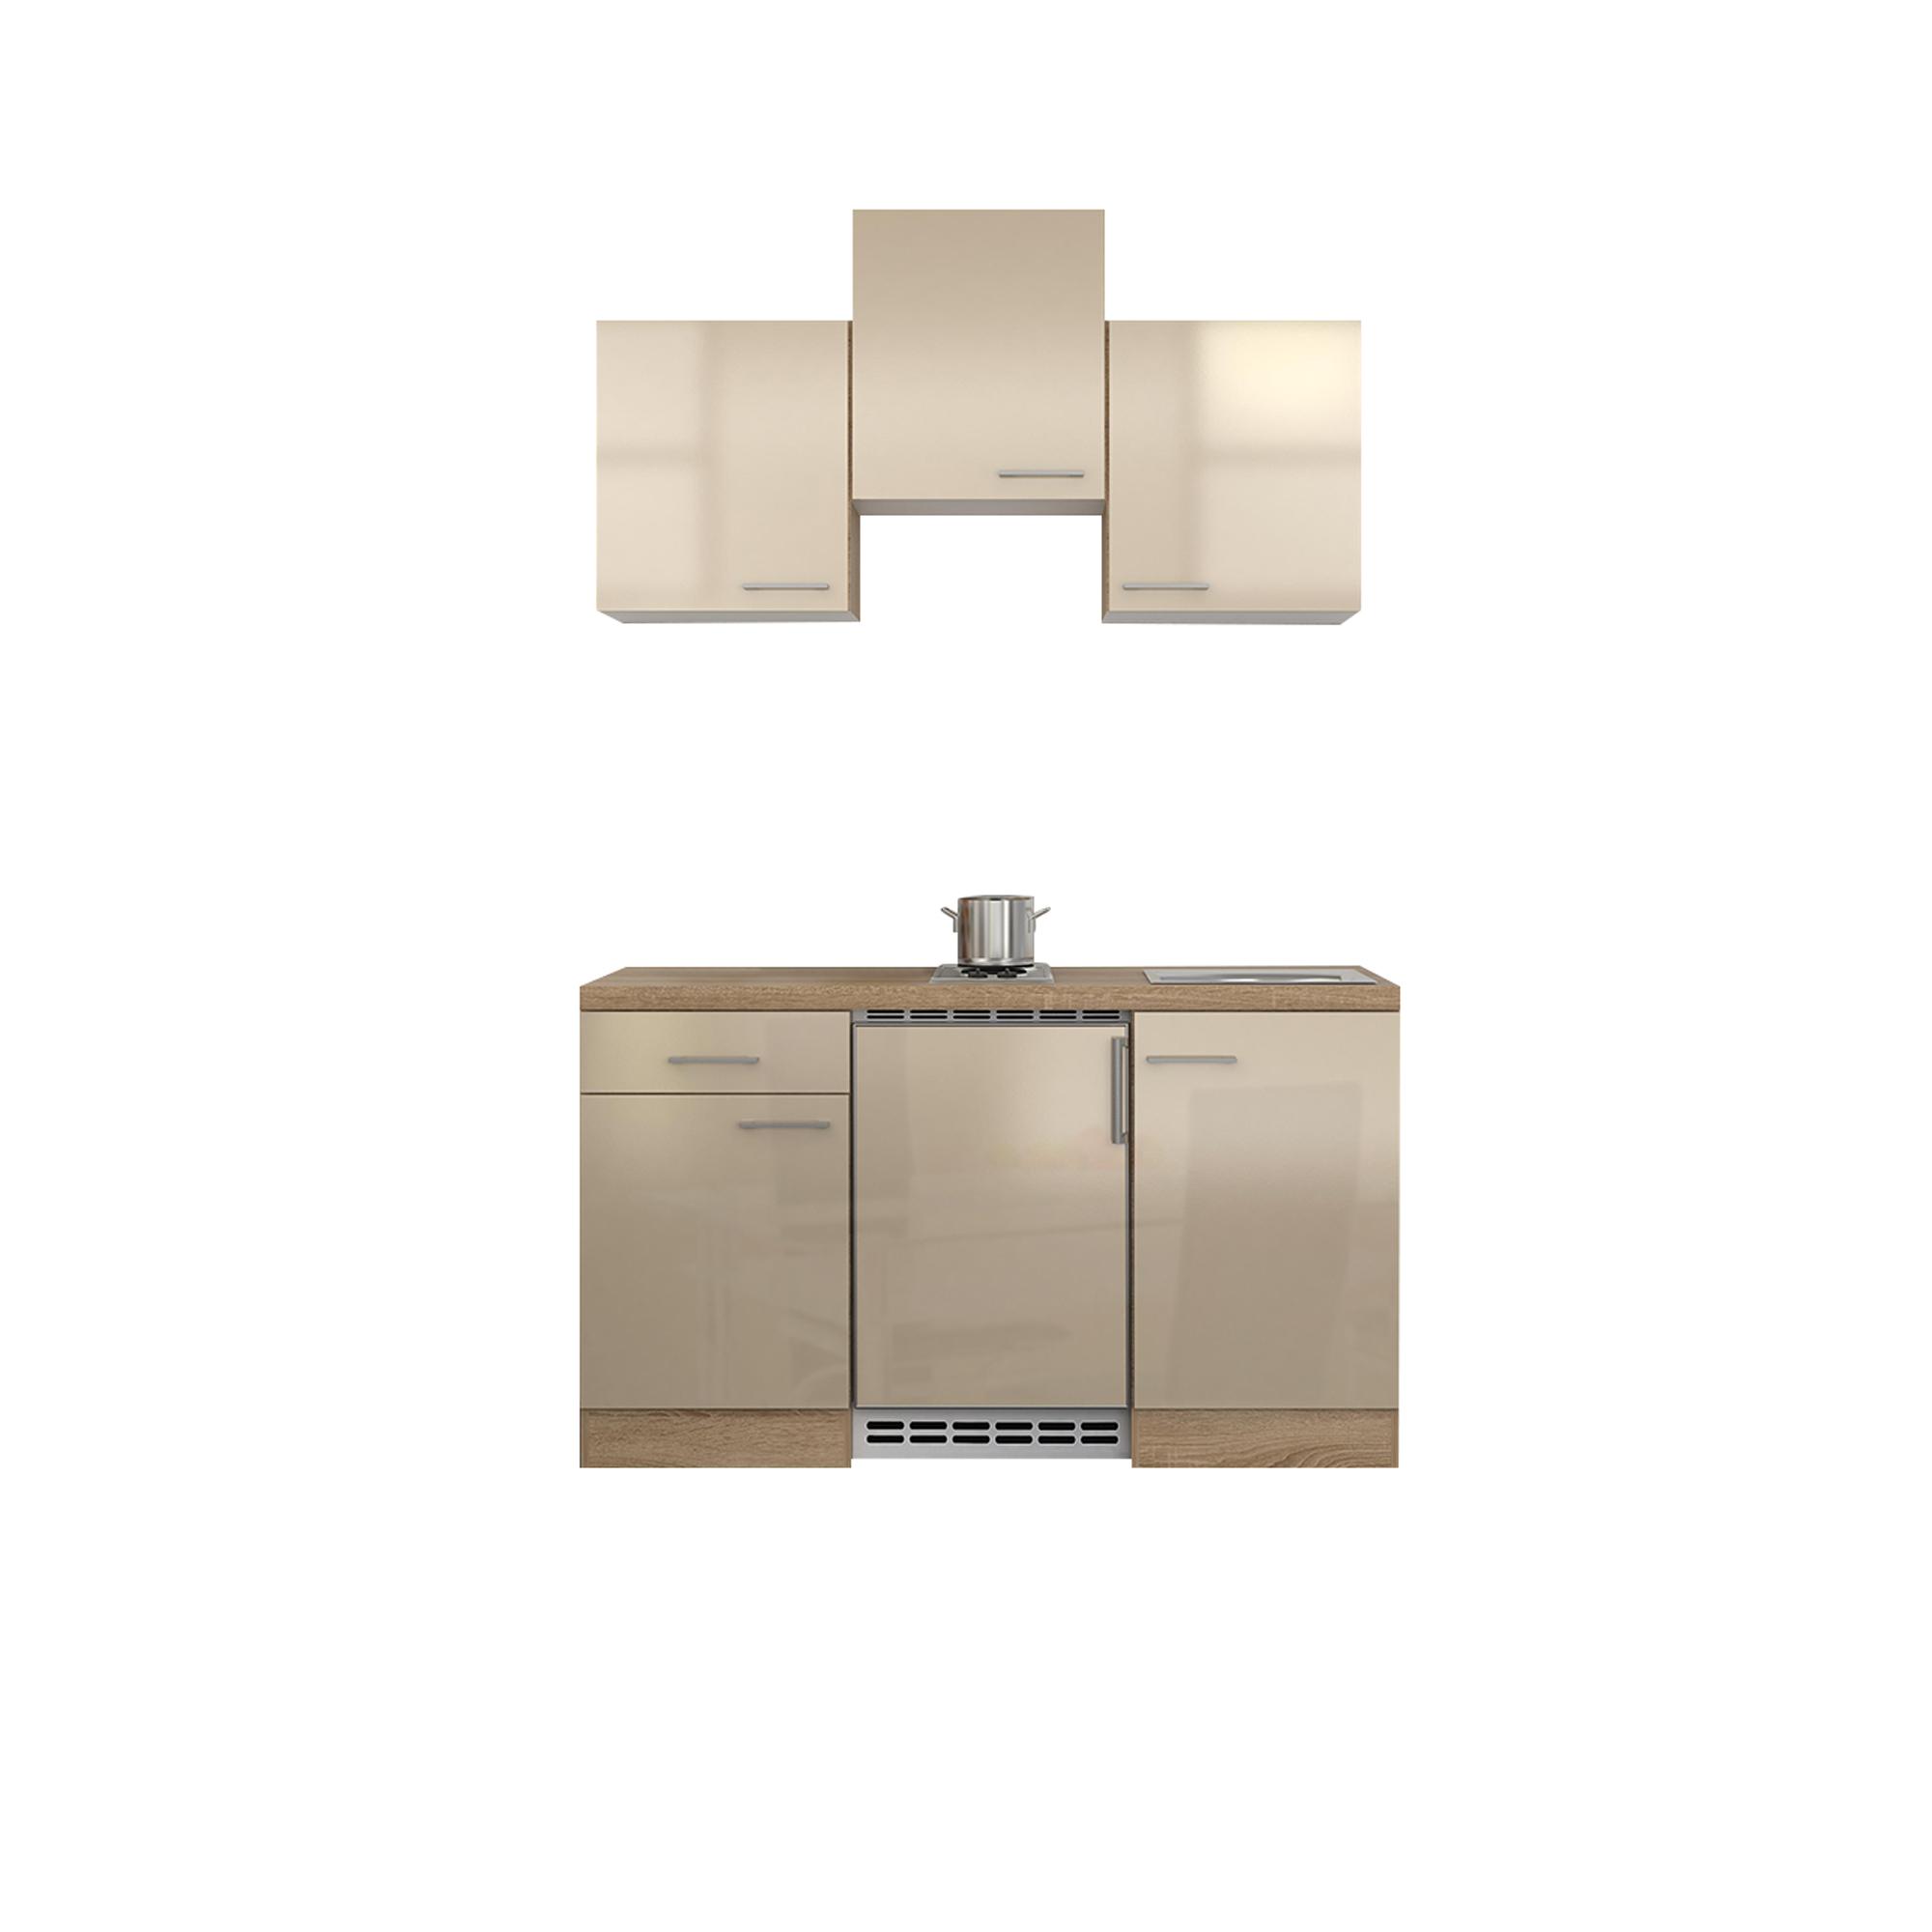 singlek che nepal mit elektrokochfeld und k hlschrank breite 150 cm creme k che singlek chen. Black Bedroom Furniture Sets. Home Design Ideas